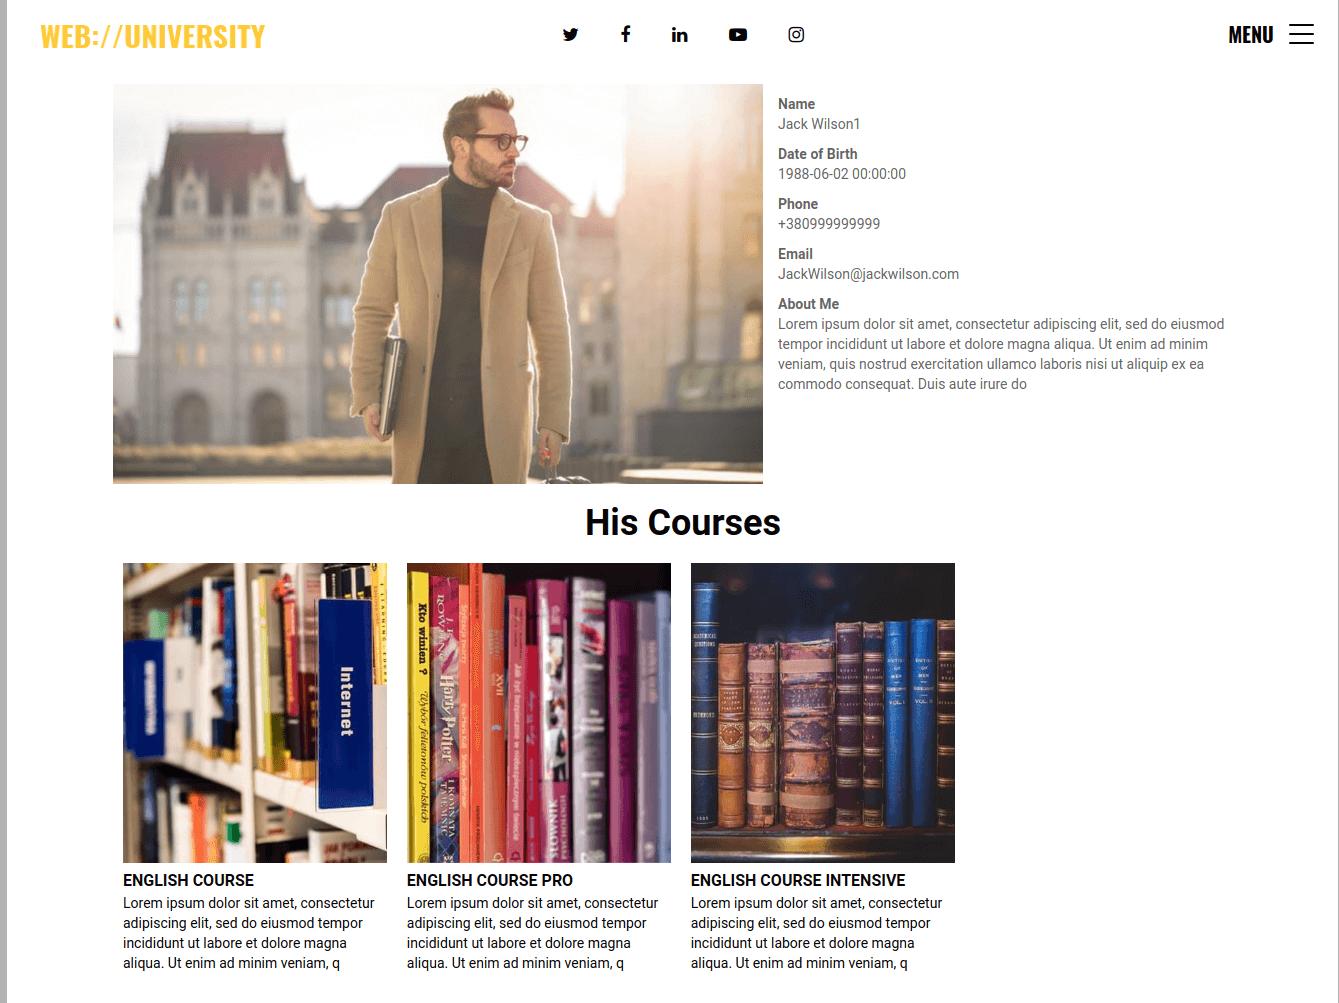 Web University, education website design, teacher profile